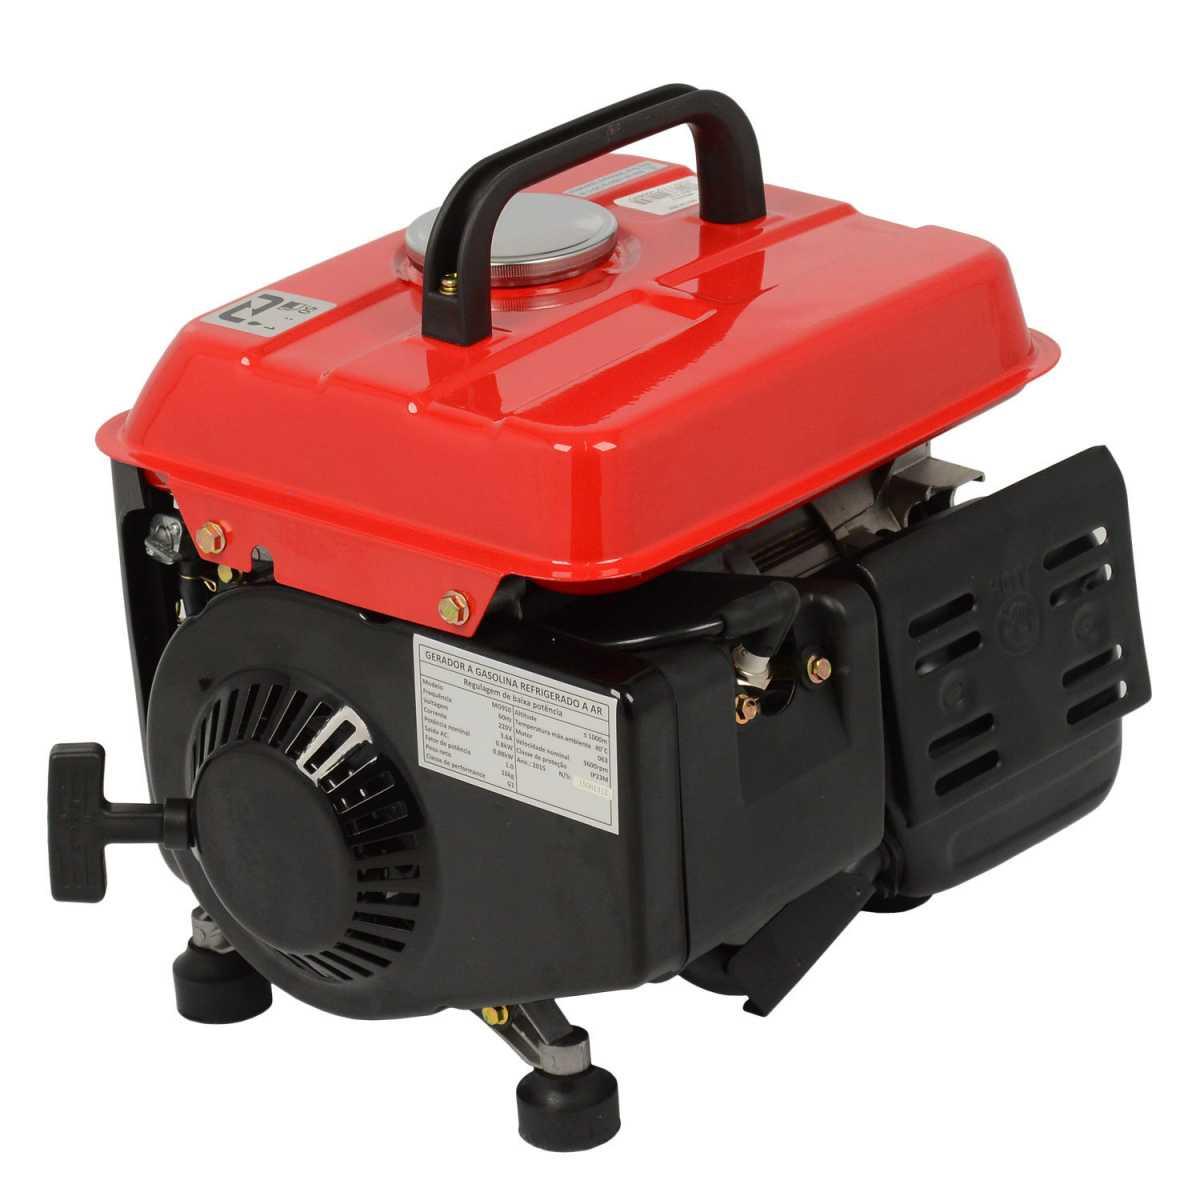 Gerador de Energia a Gasolina 800W Mg950 Motomil - Saída 127 Volts